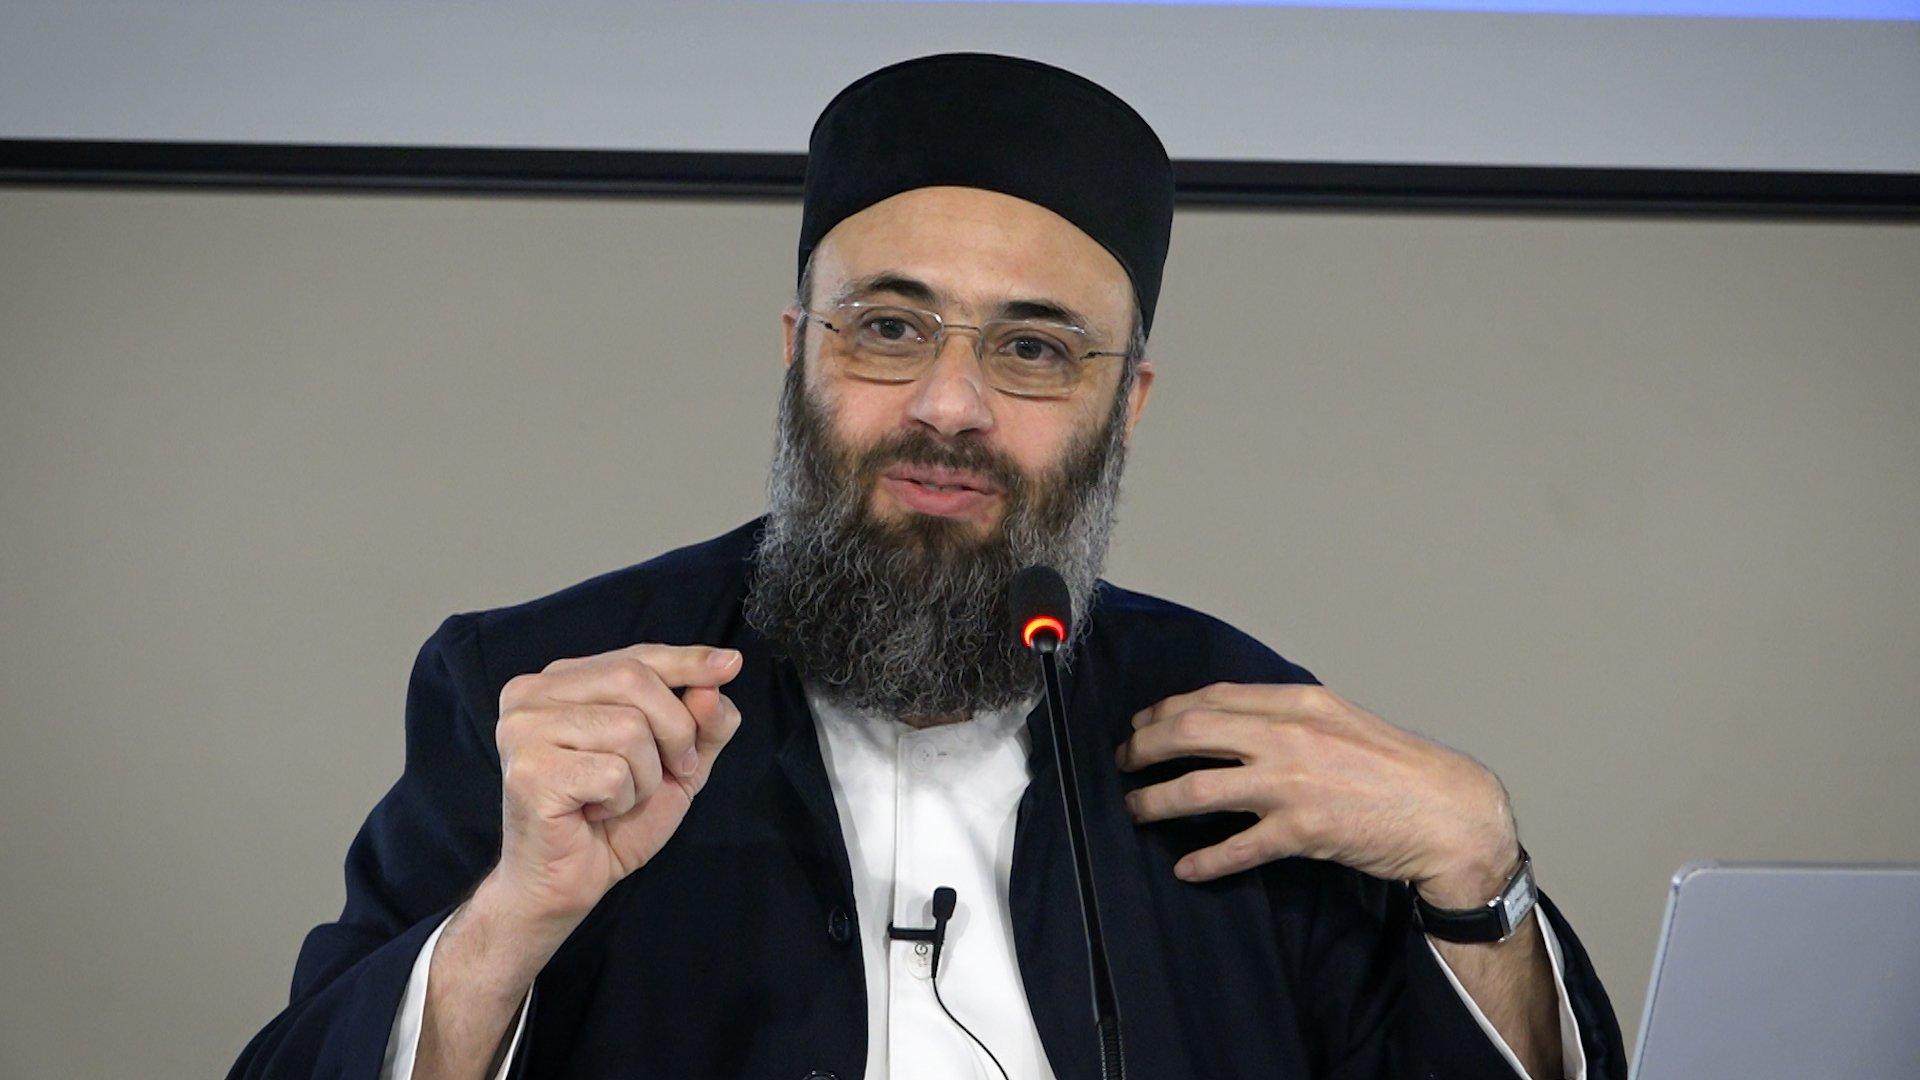 Islamic Apologetics